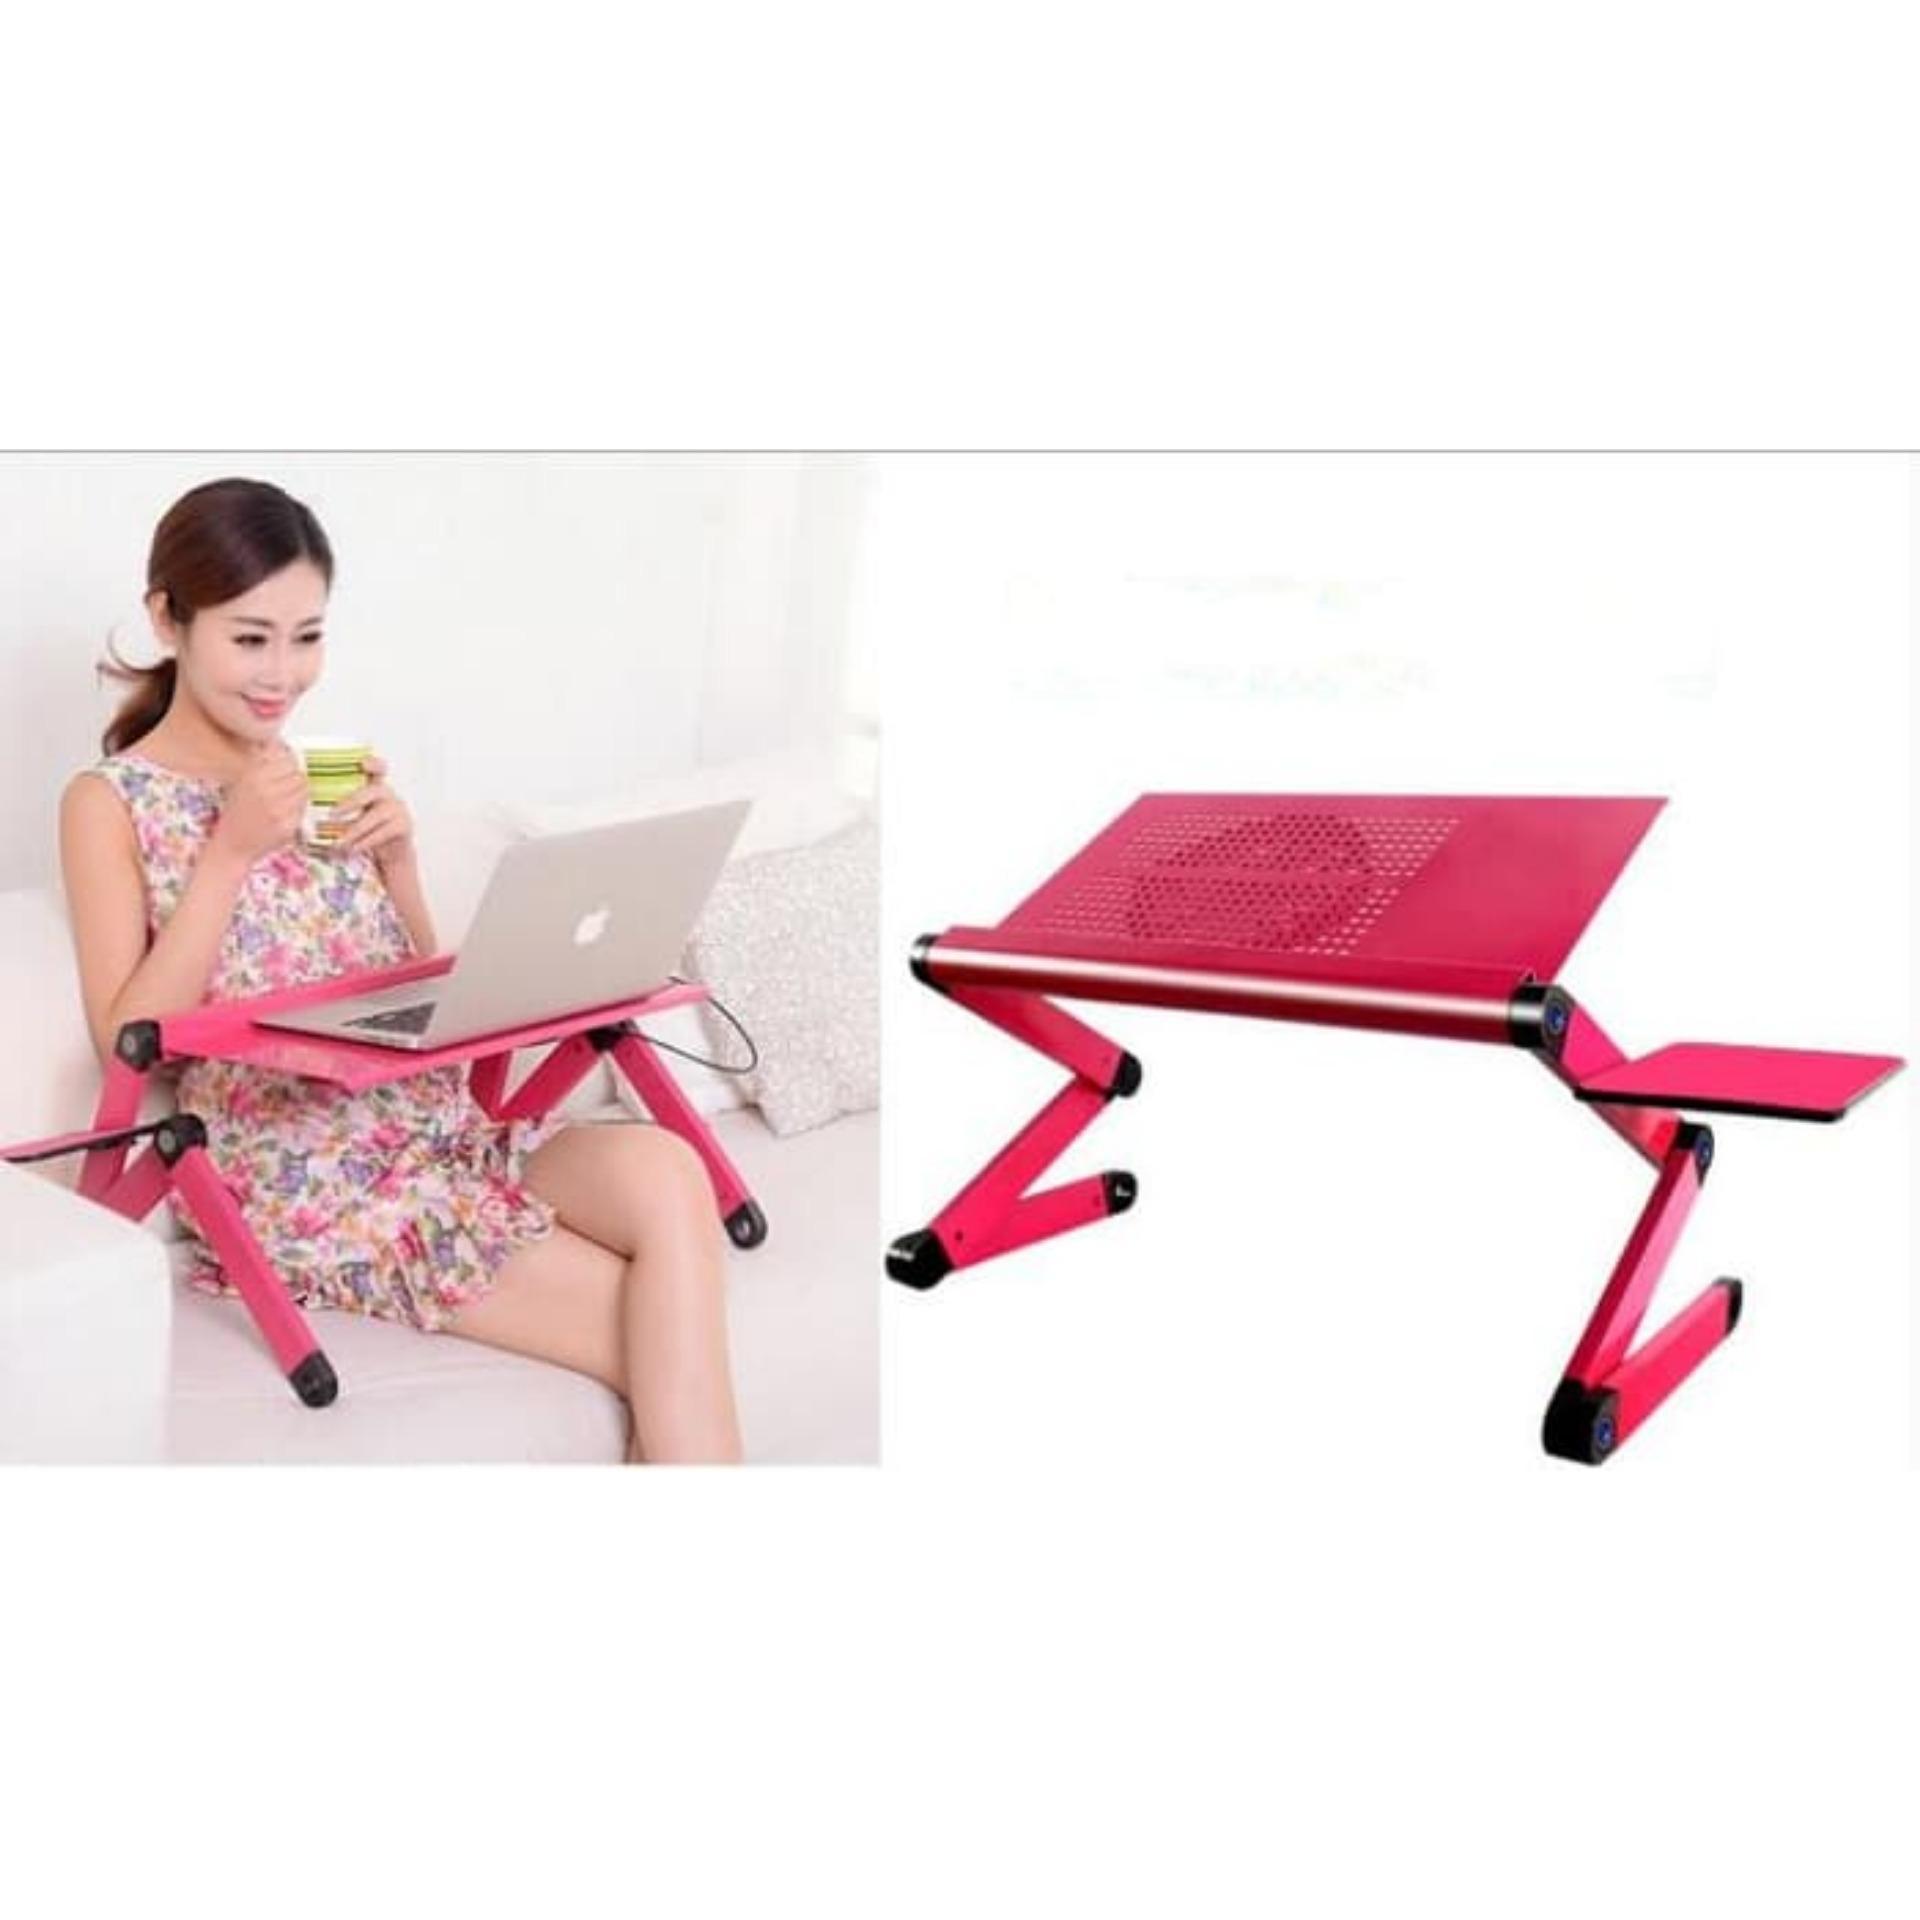 Bangku Lipat Minimalis Bangku Anak Untuk Belajar Meja Untuk Membaca Koran Meja Laptop Siku 360 Derajat Merah Muda